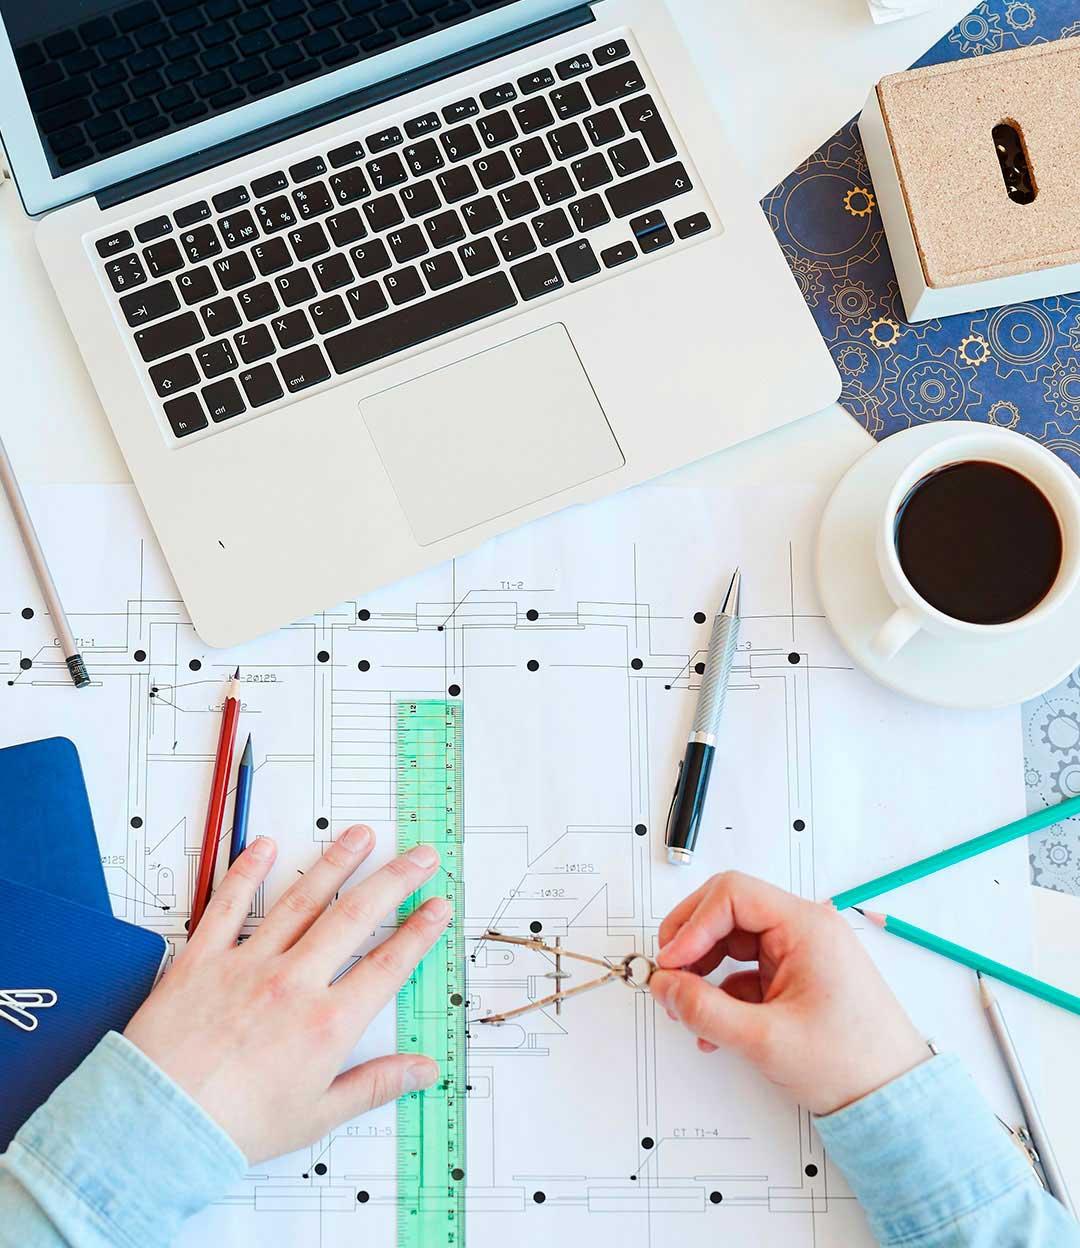 Découvrez comment financer votre formation en ligne !